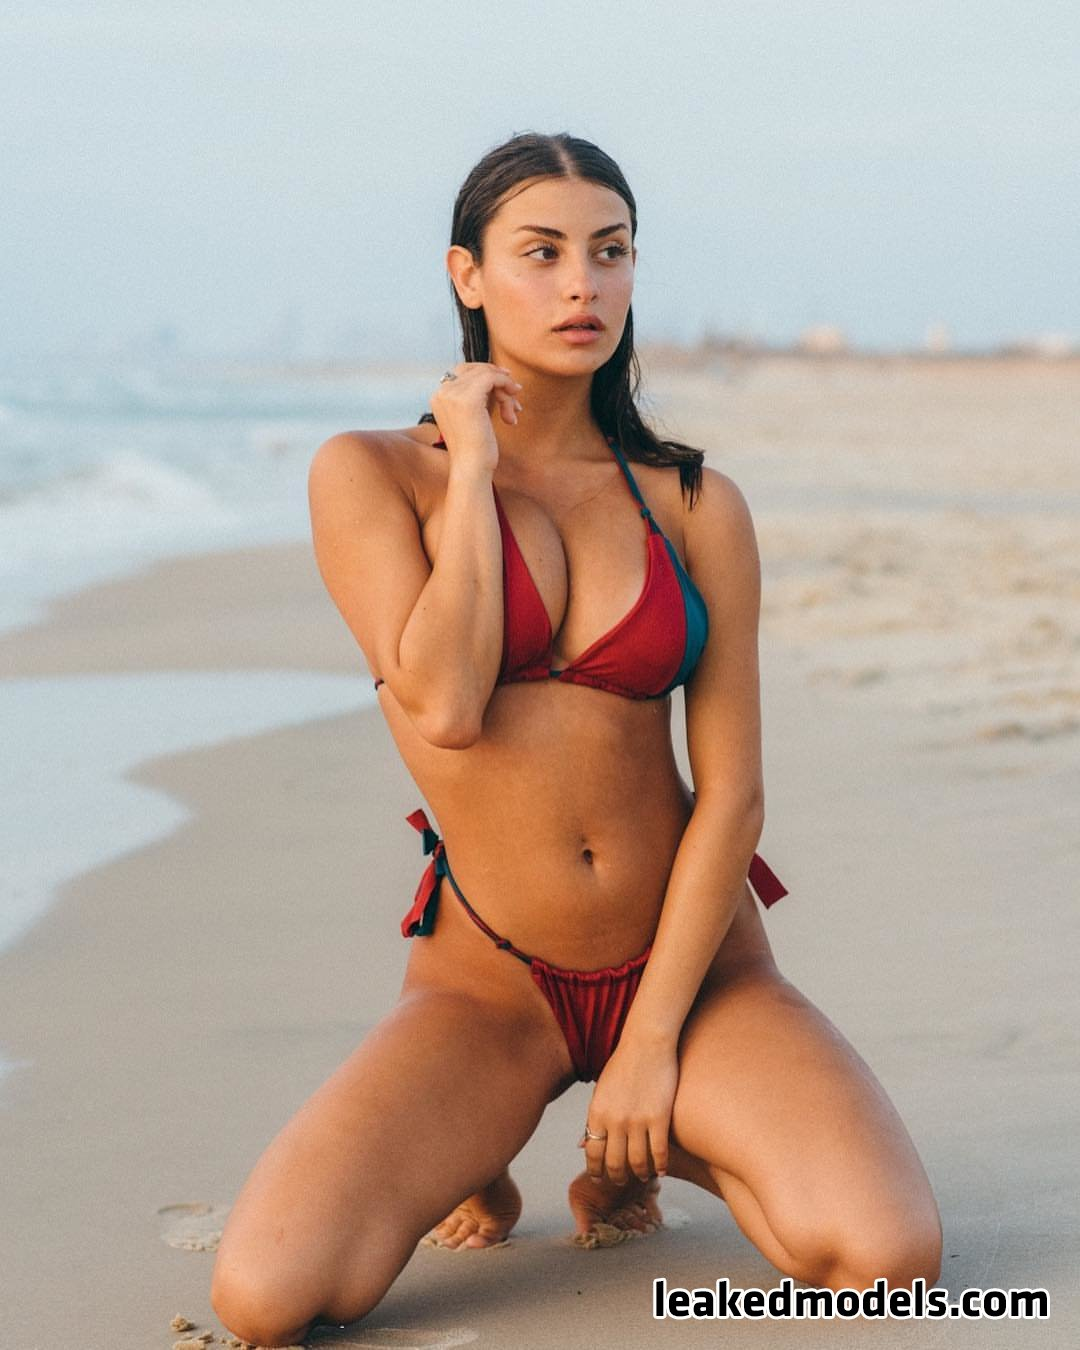 tal adar leaked nude leakedmodels.com 0003 - Tal Adar – _taladar Instagram Sexy Leaks (27 Photos)